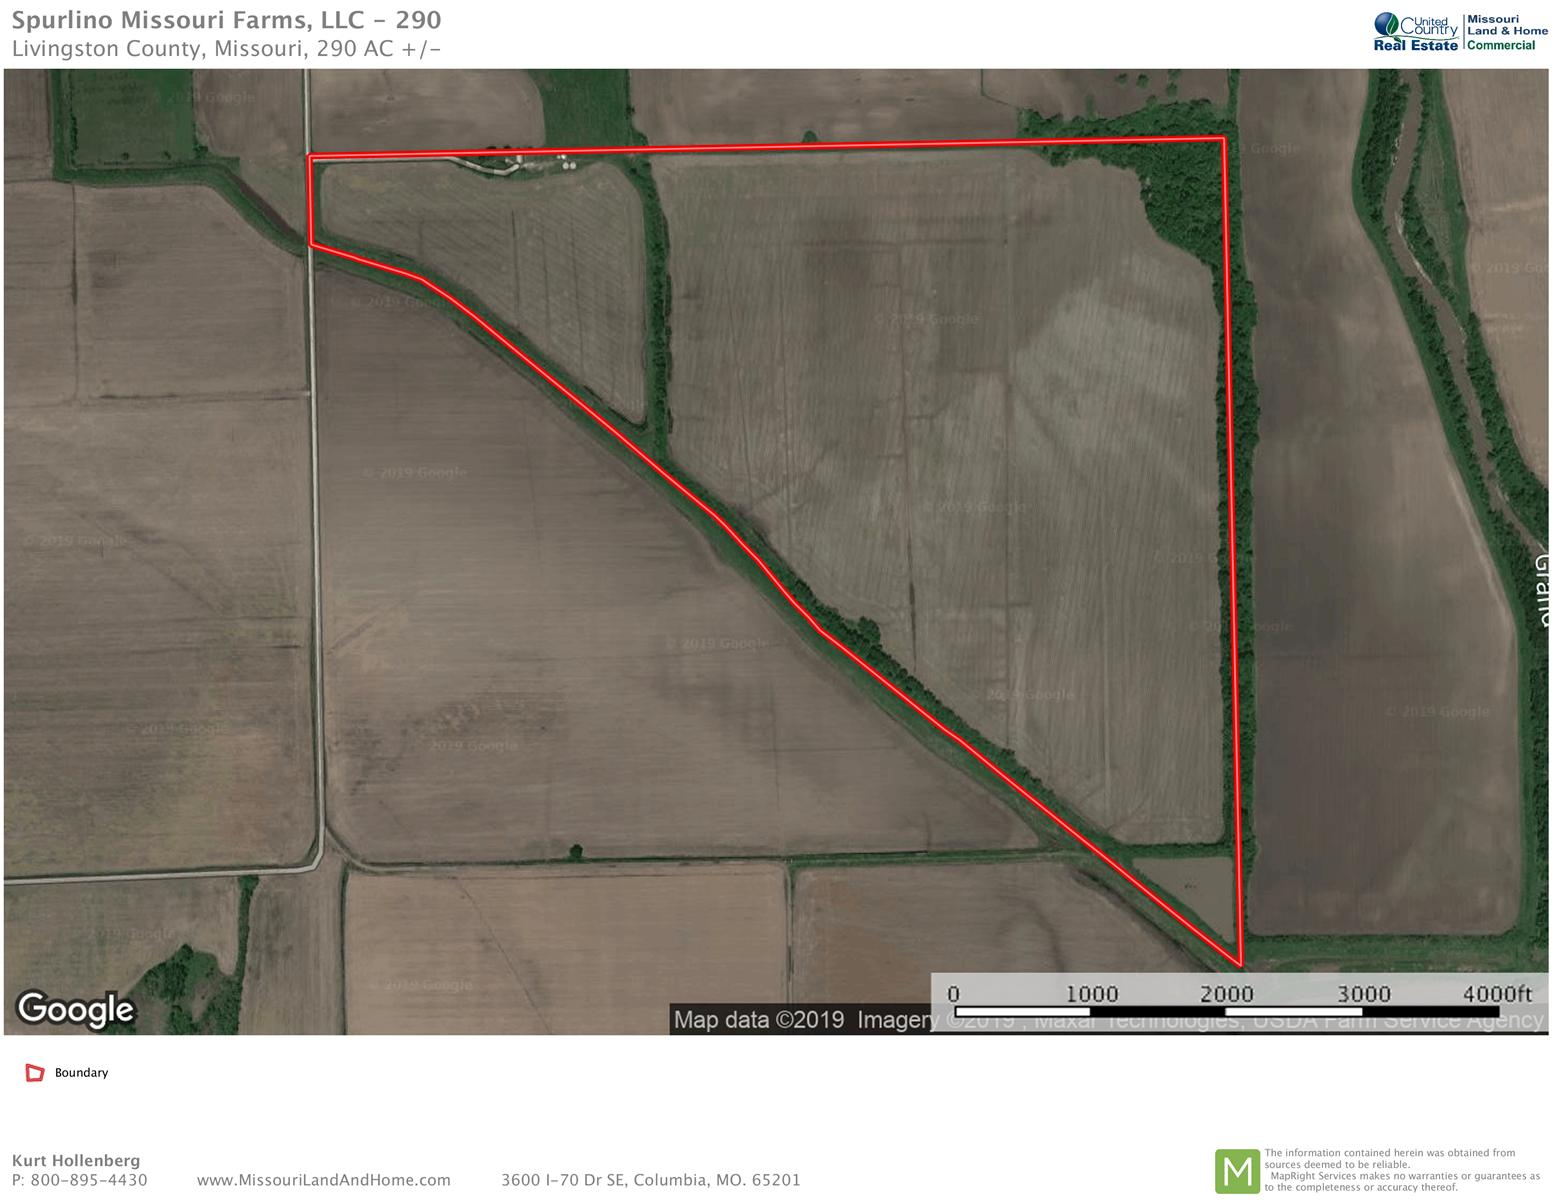 Investment Grade Tillable Row Crop Farm Livingston Co MO